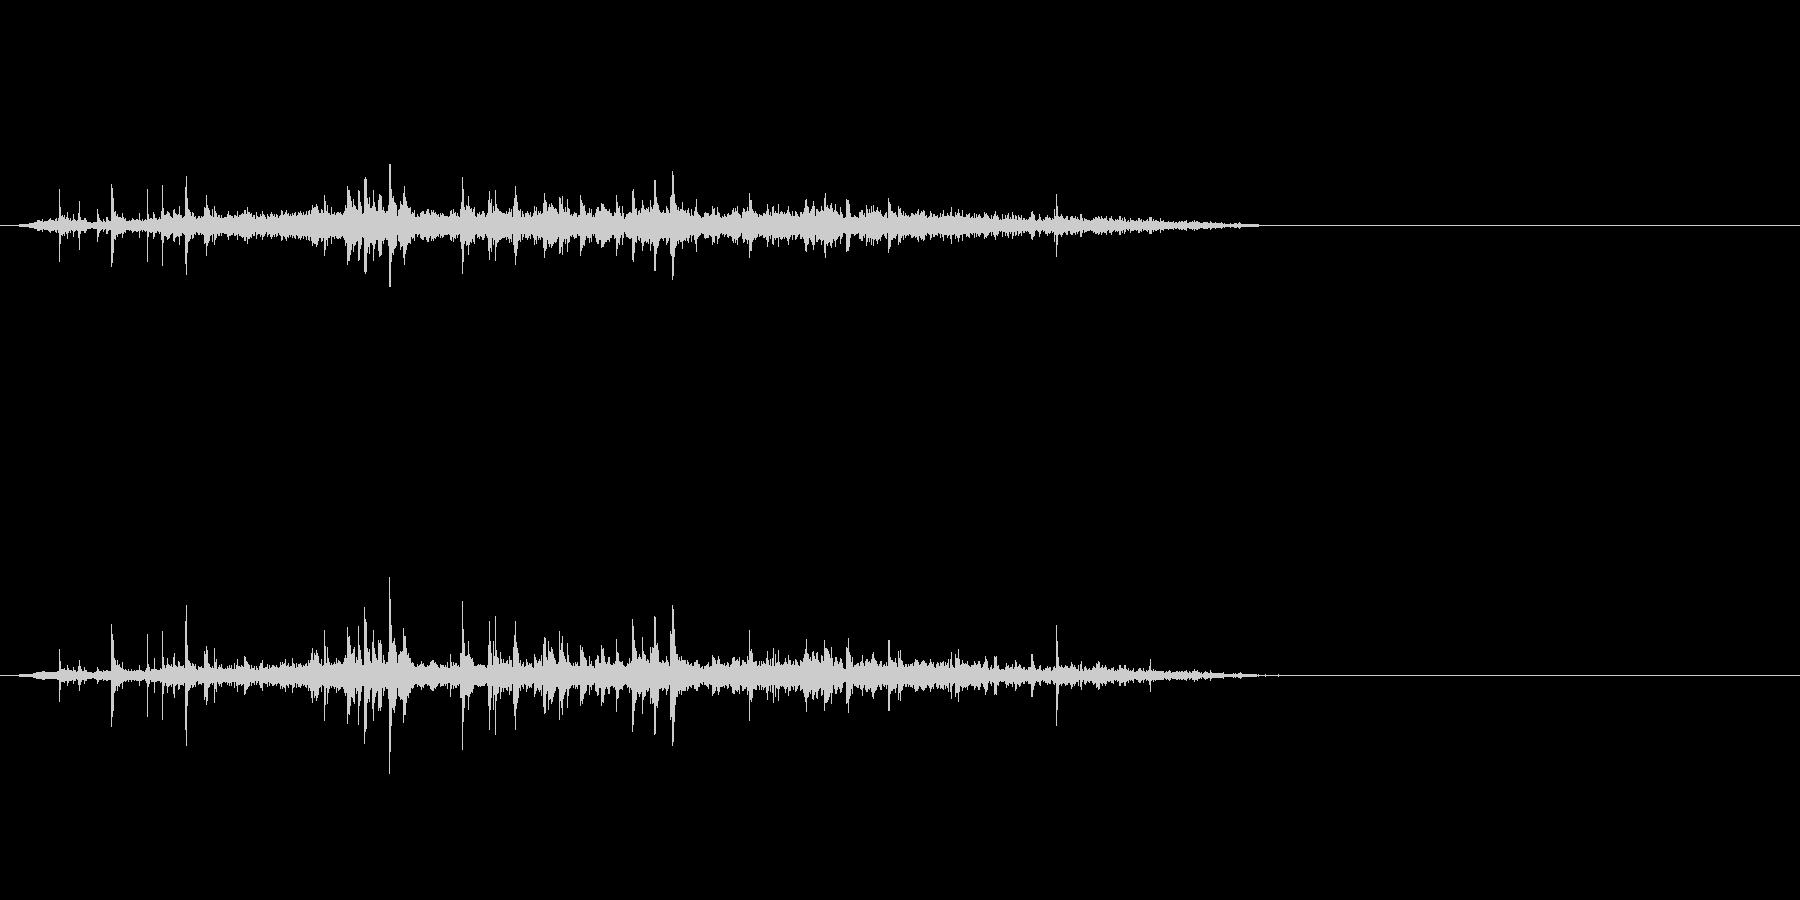 シュワーッ(炭酸飲料を注ぐ音、短め)の未再生の波形